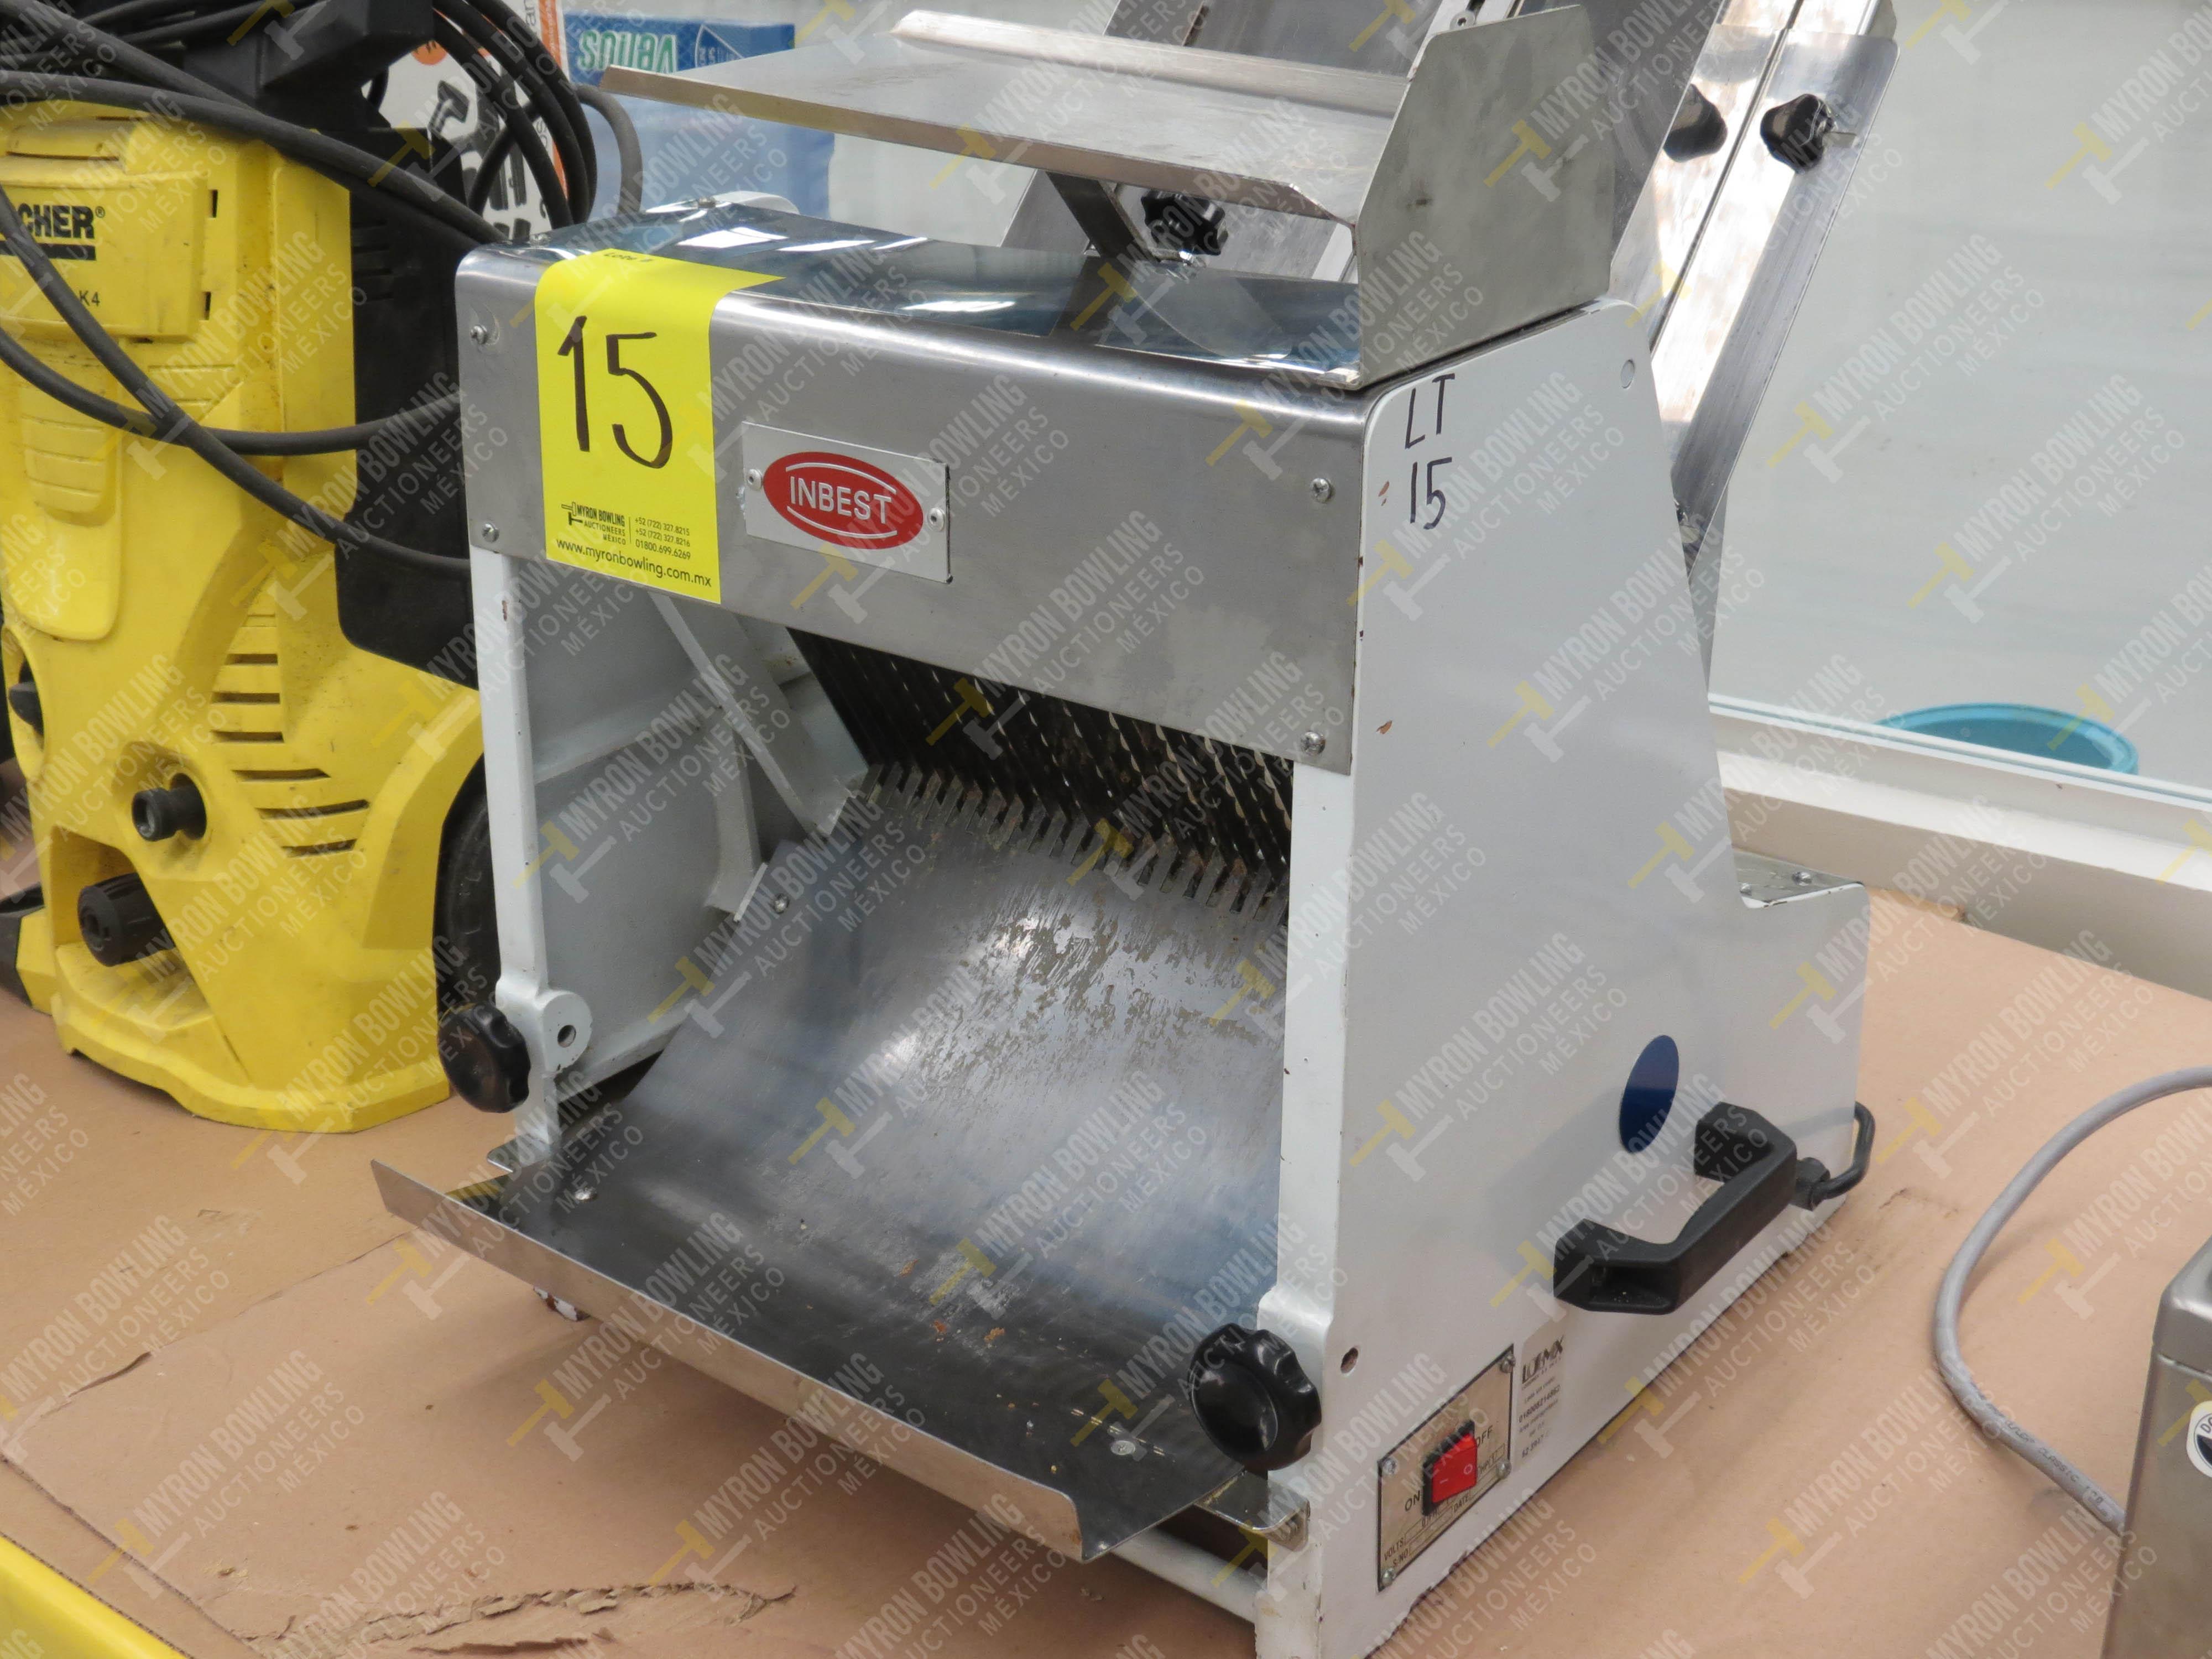 Rebanadora de pan de caja marca Inbest, Modelo 85081512, No. de Serie 639387, año 2006 - Image 2 of 5